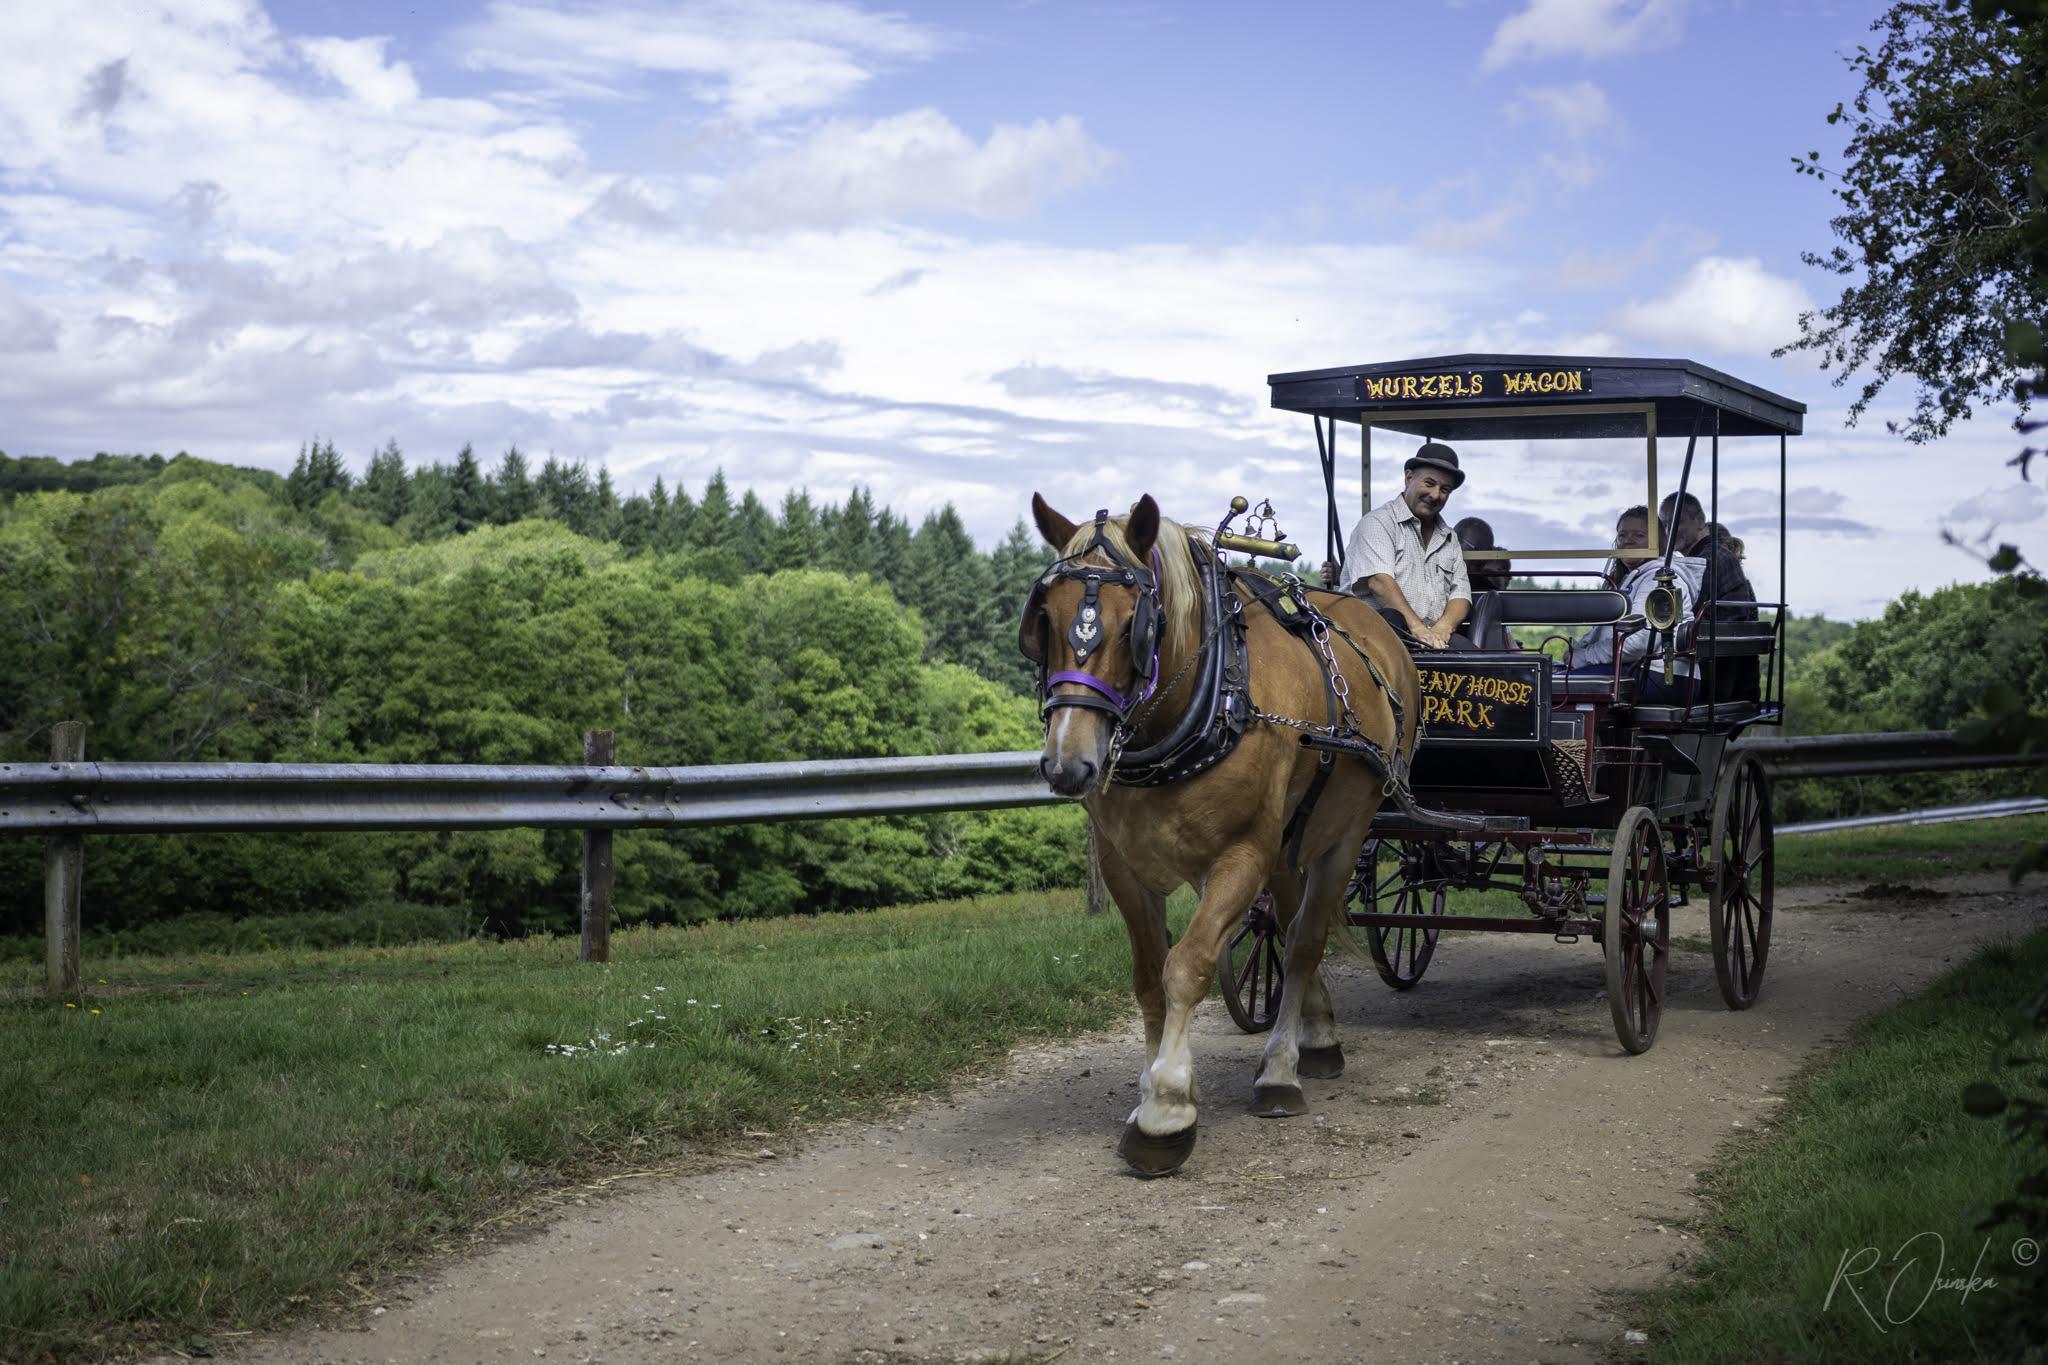 Dorset Heavy Horse Farm Park